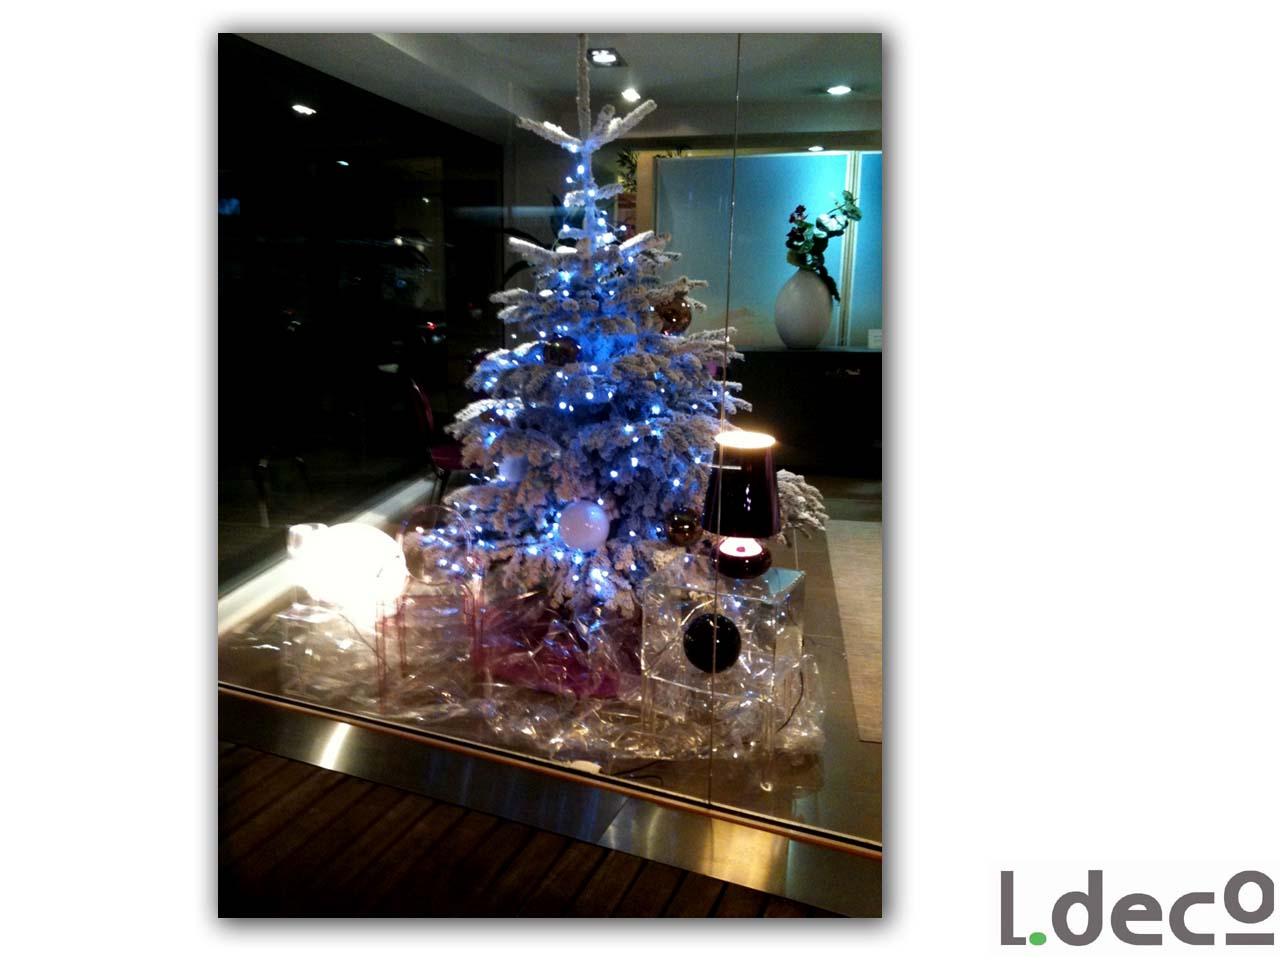 D cembre 2010 for Decoration lumignon 8 decembre